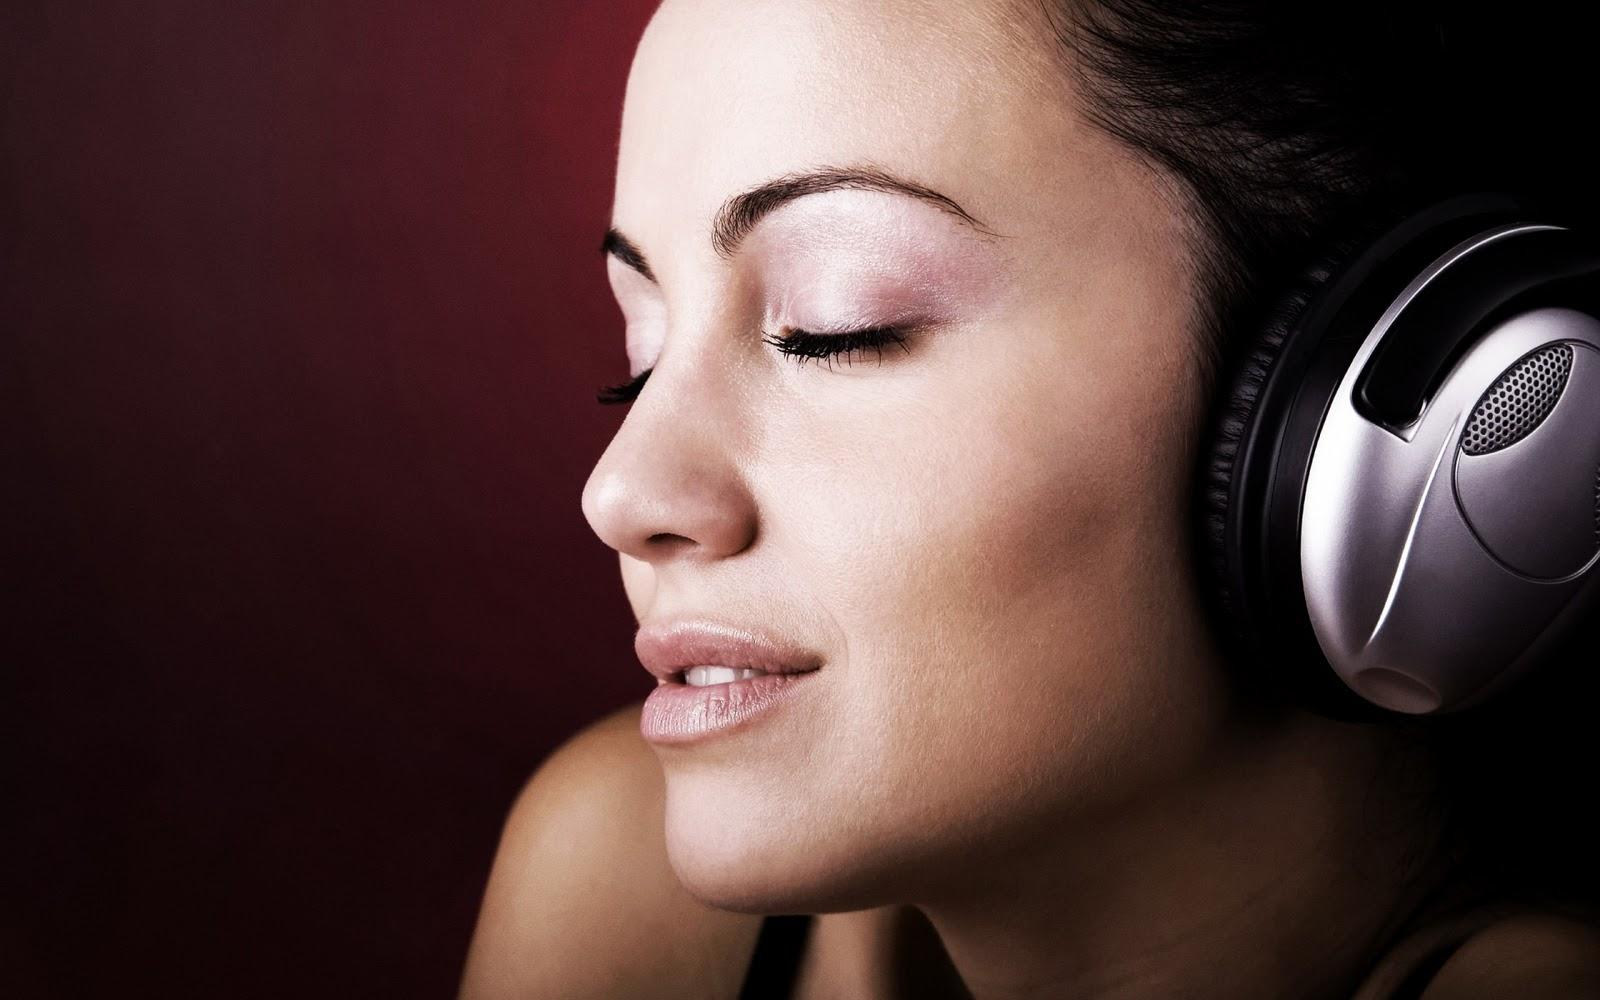 listen_the_music-1920x1200